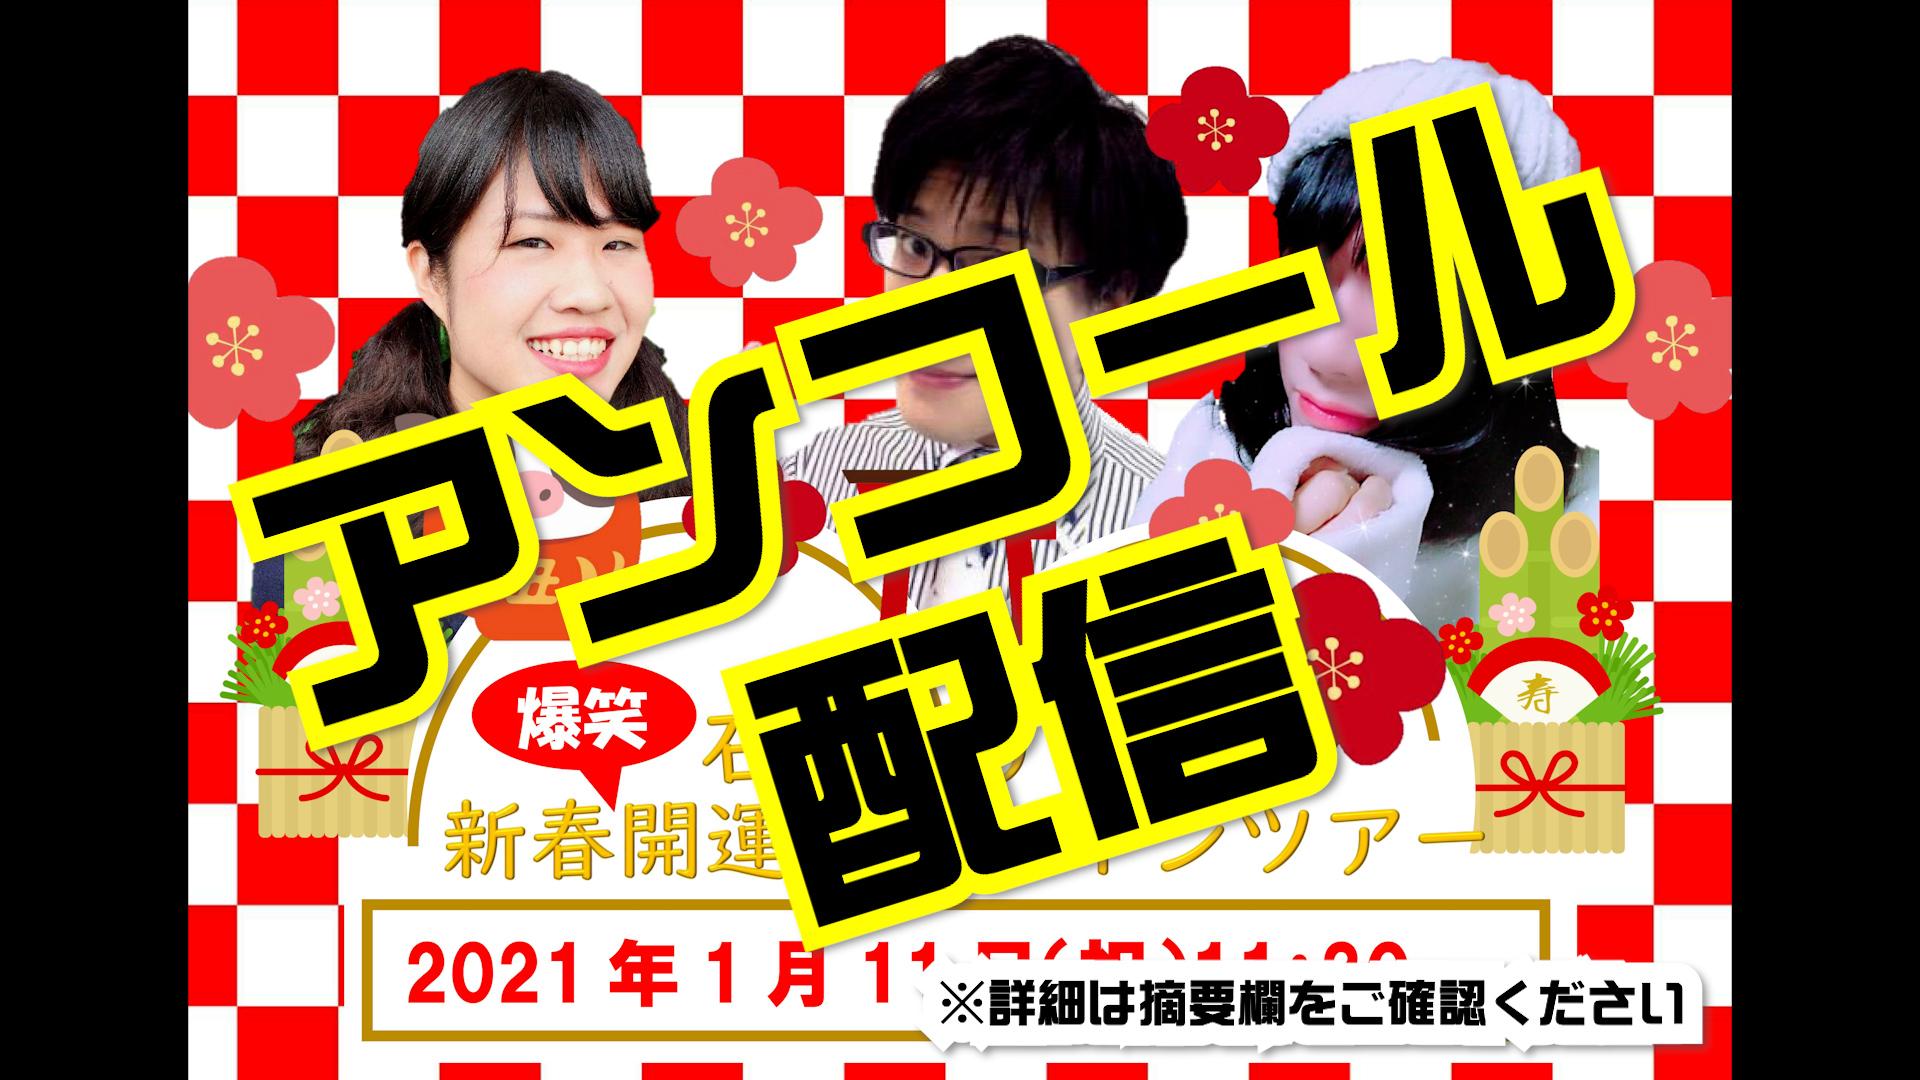 13005【アンコール配信】石巻エリア新春爆笑開運オンラインツアー2021.1.11plan_item